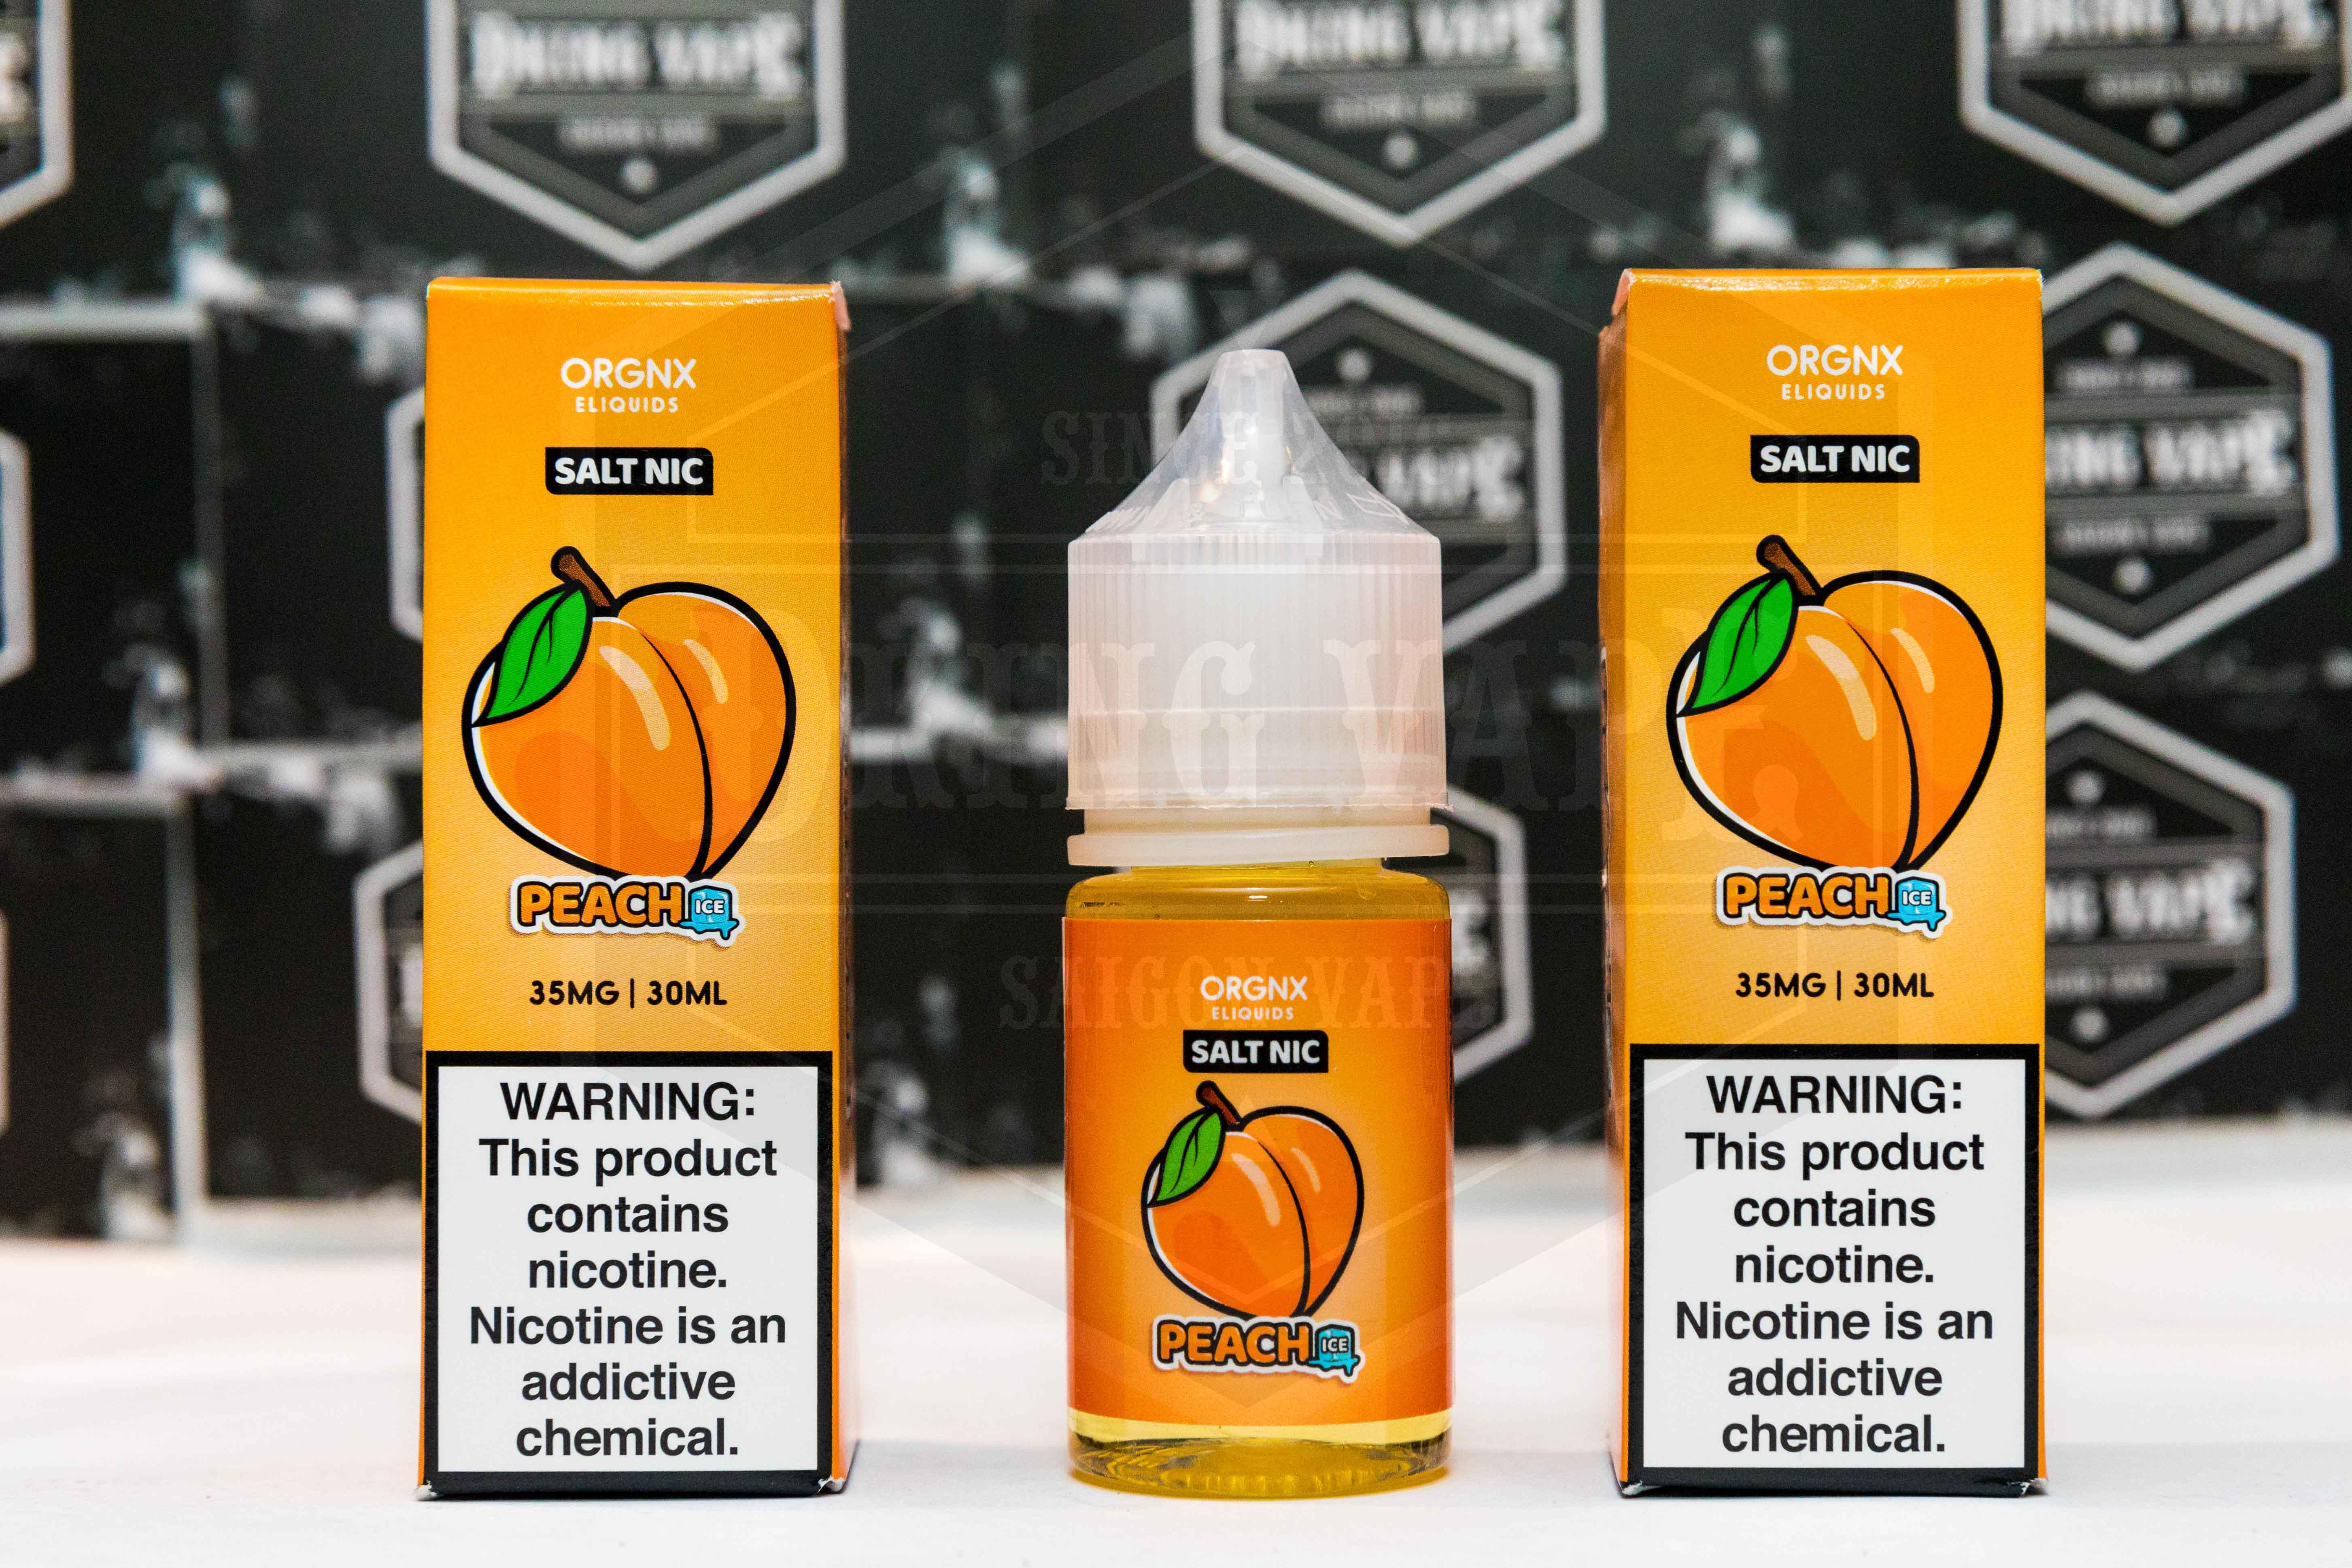 ORGNX Peach Ice